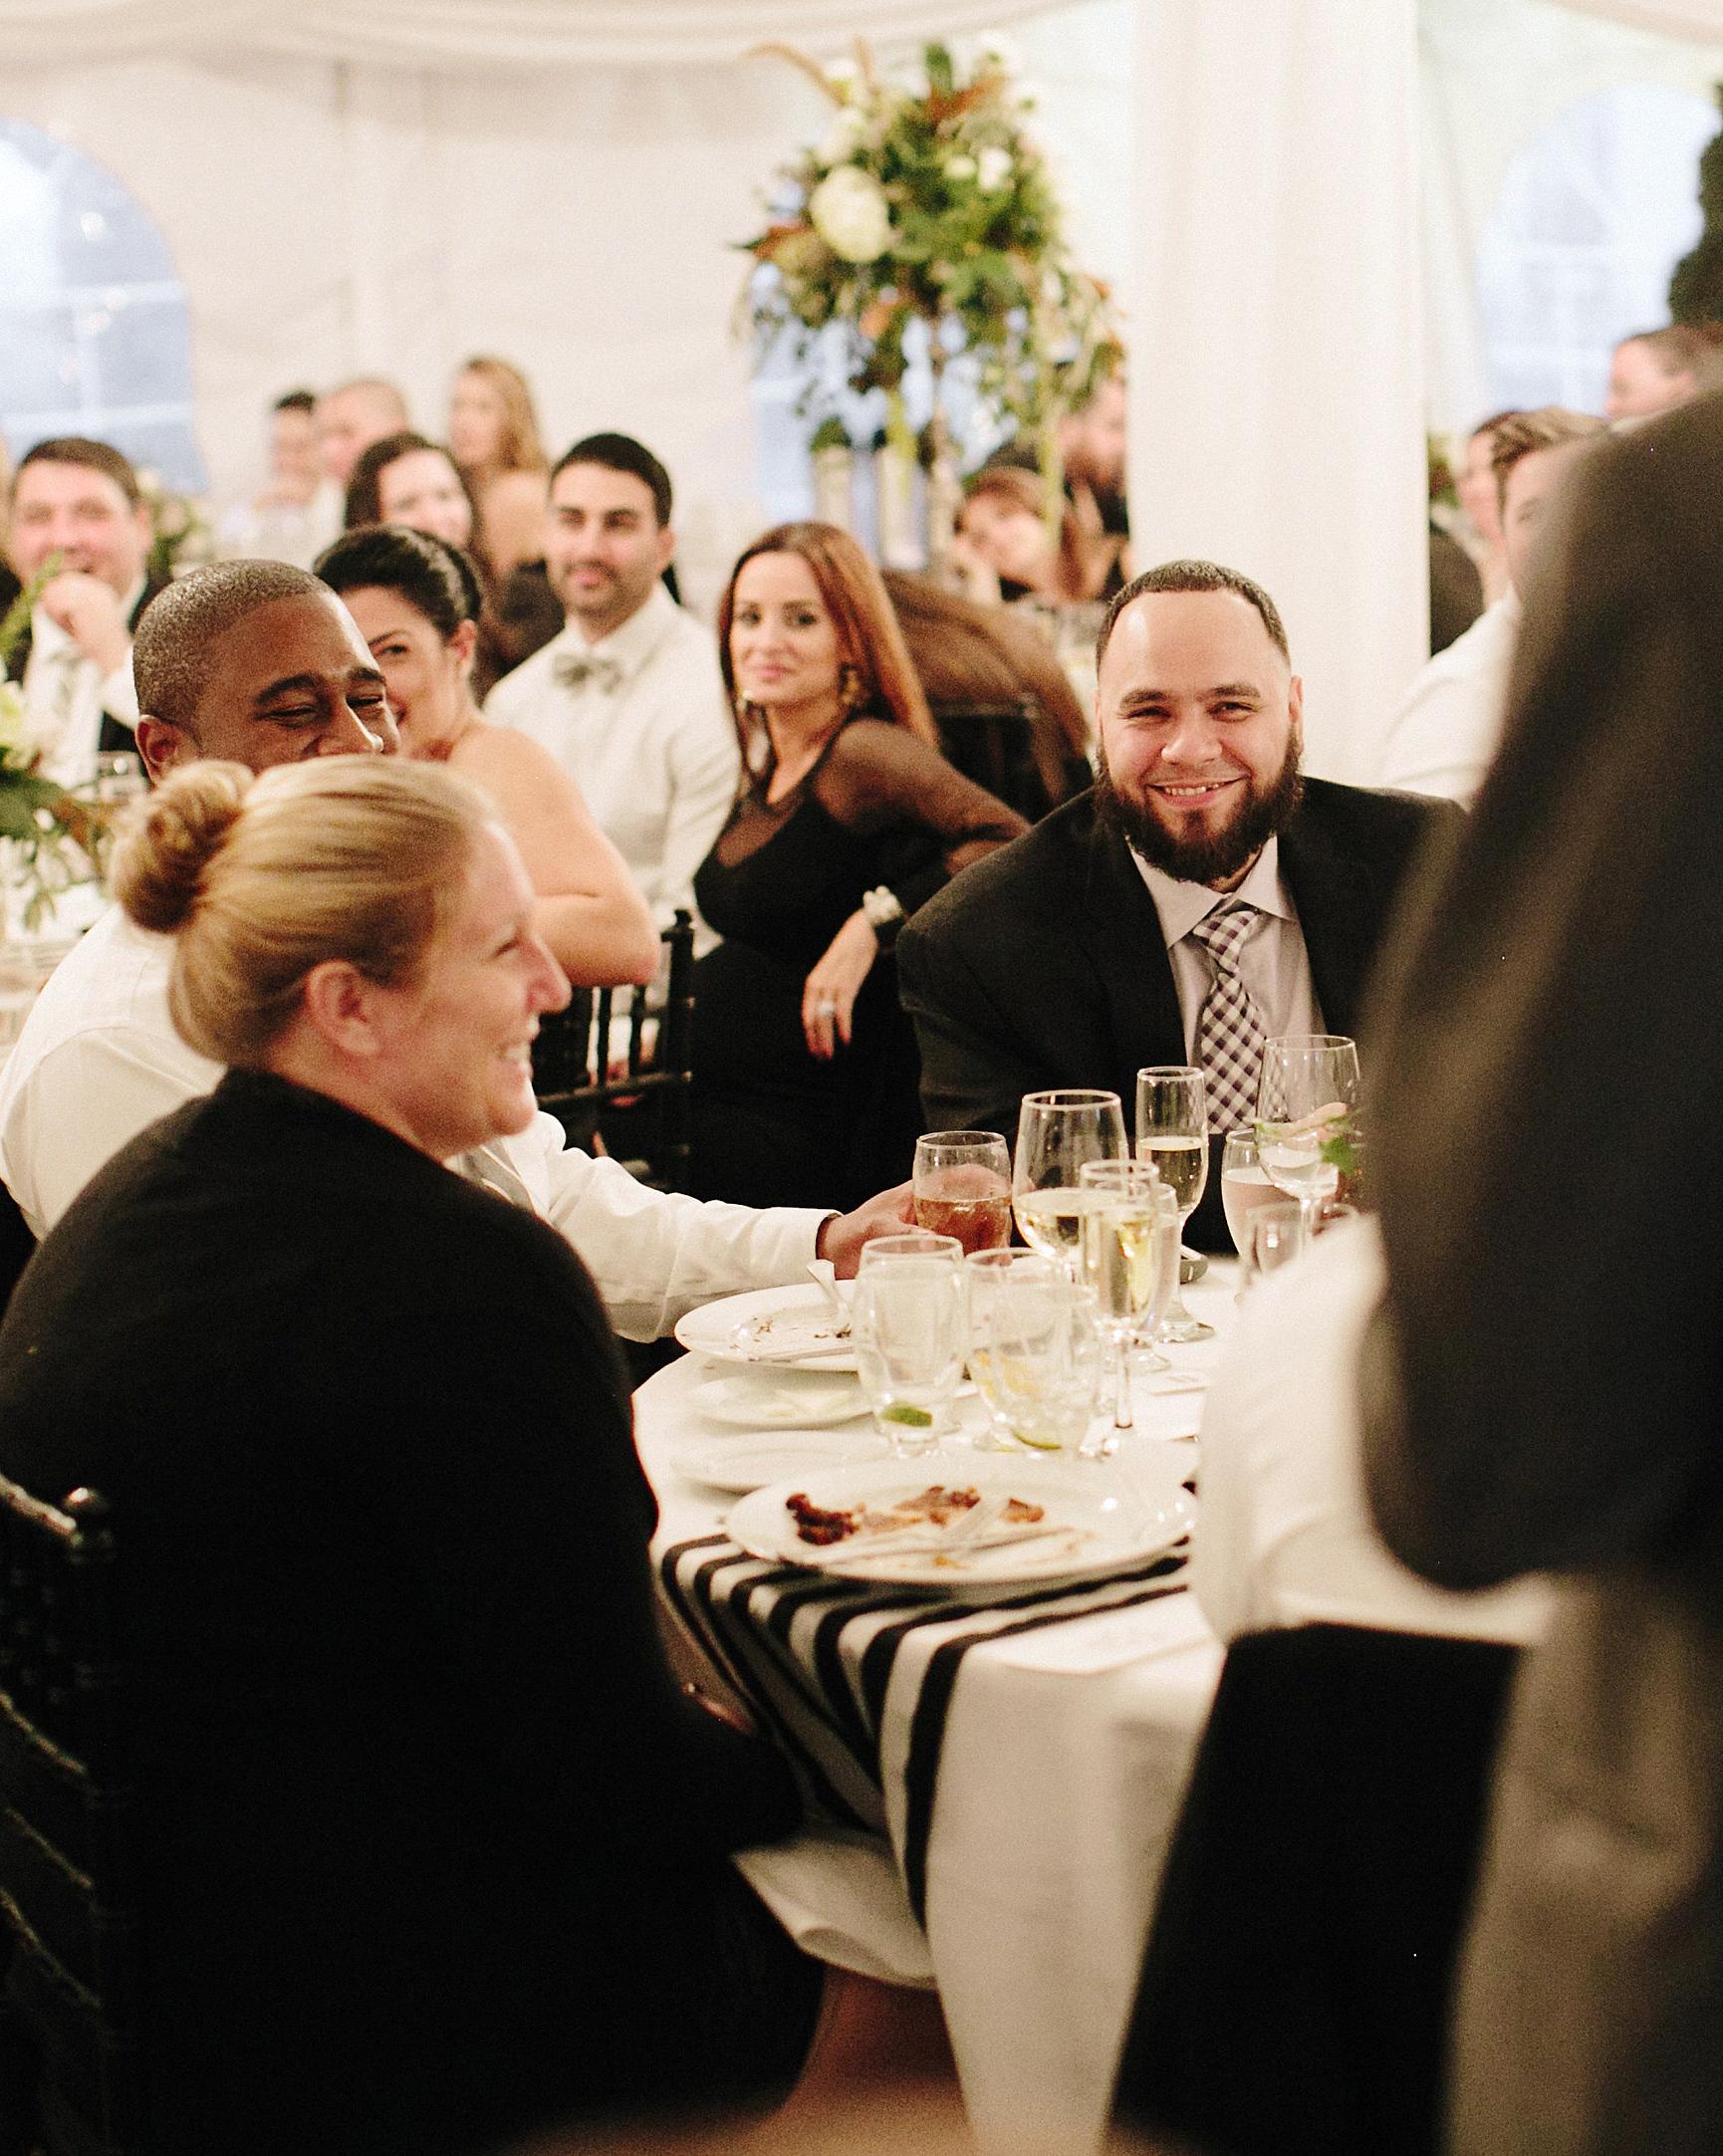 rosie-constantine-wedding-reception-508-s112177-1015.jpg